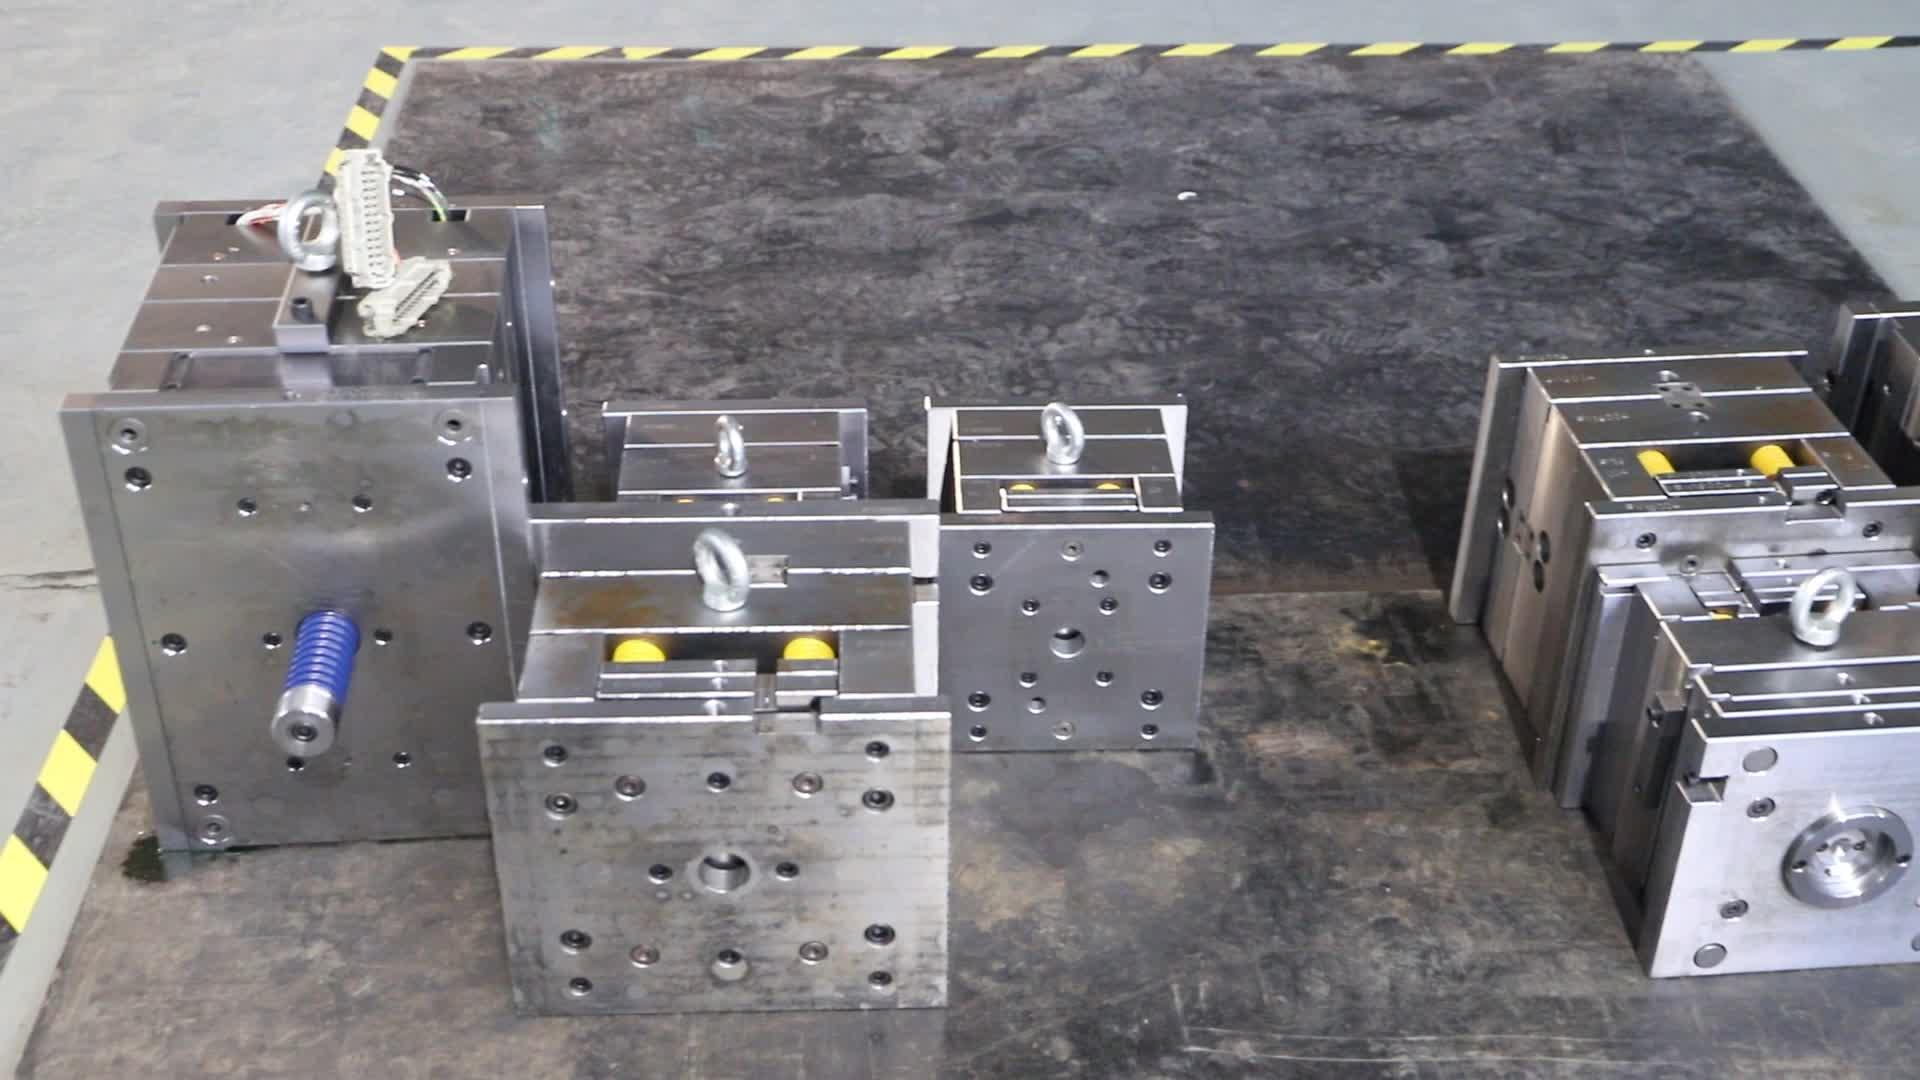 Lkm standard base de moule d'injection plastique base de moule usine